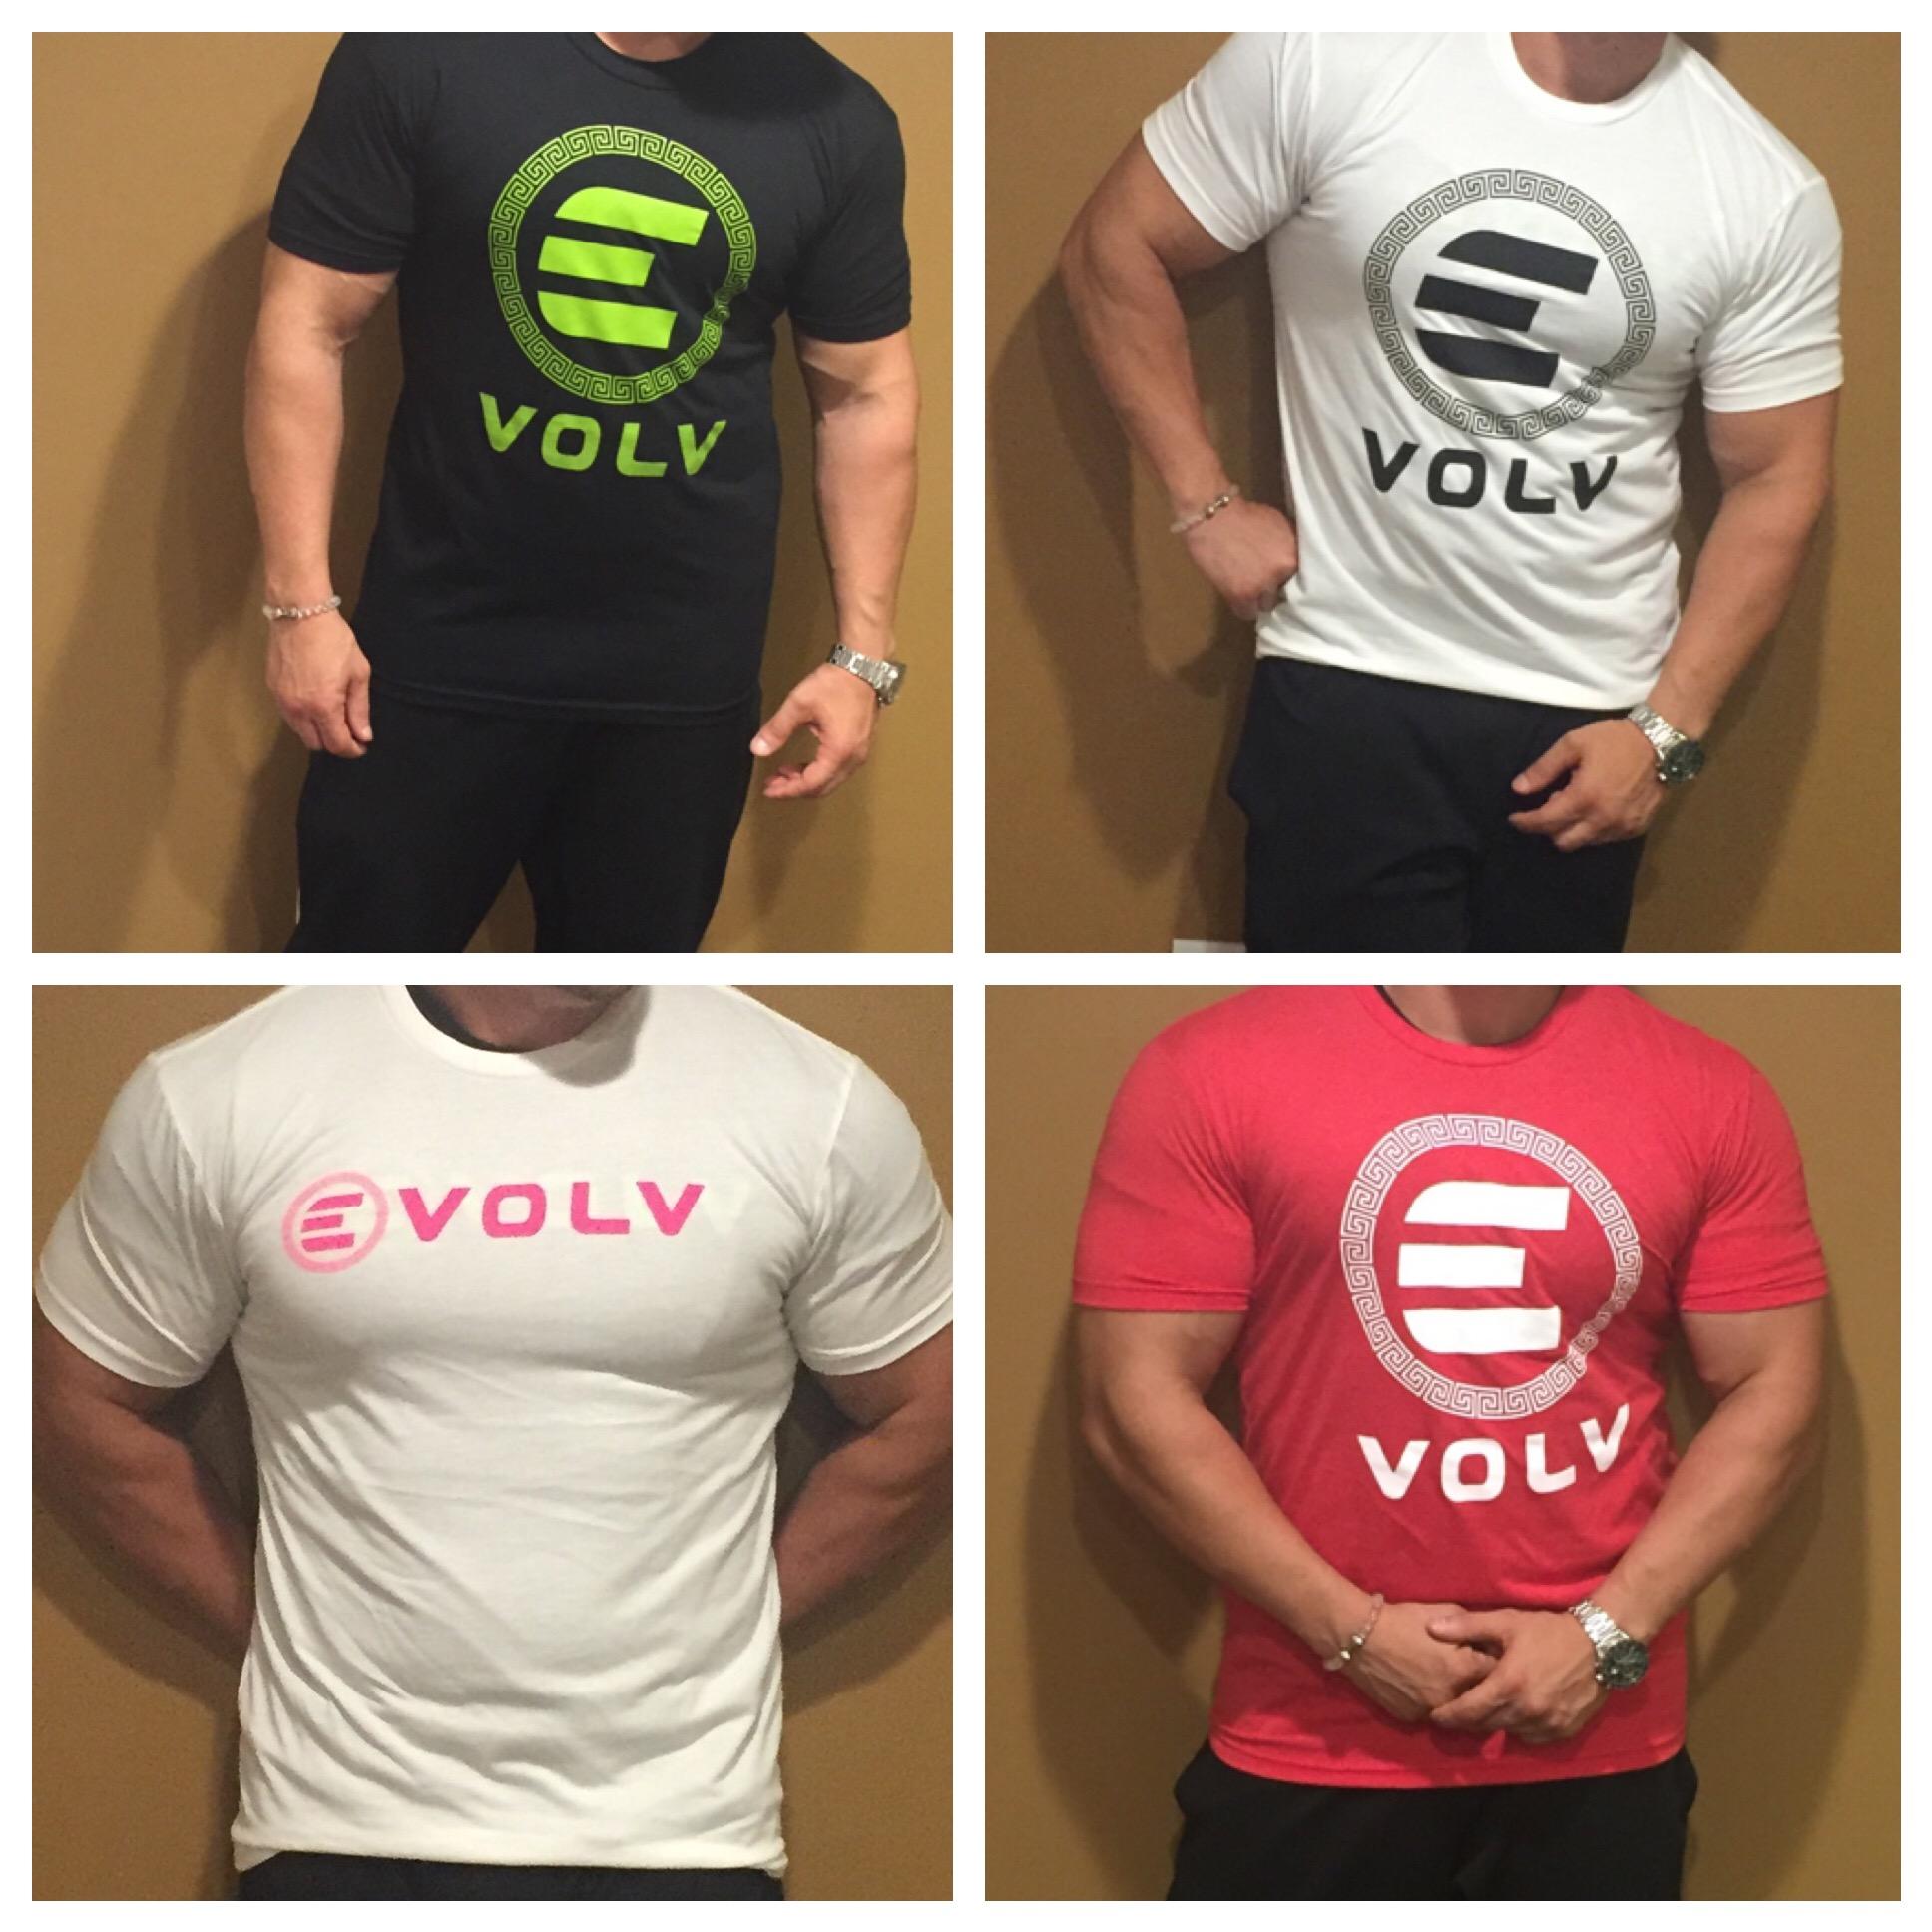 Men's Evolv T-shirts